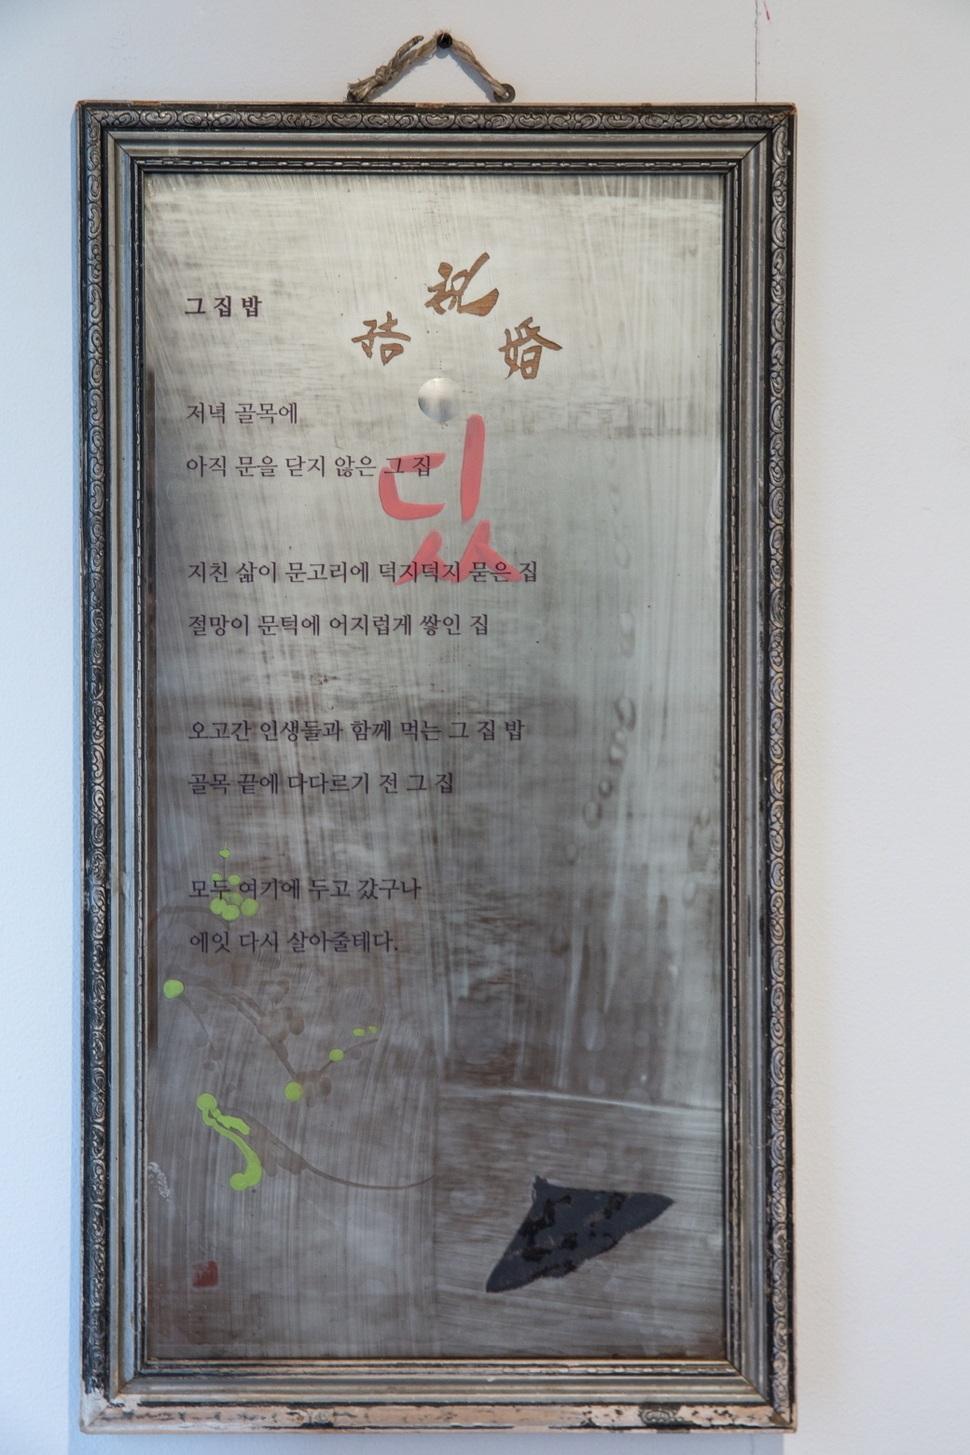 정정엽 작가와 신동호 시인의 콜라보 작품. 김근태재단 제공